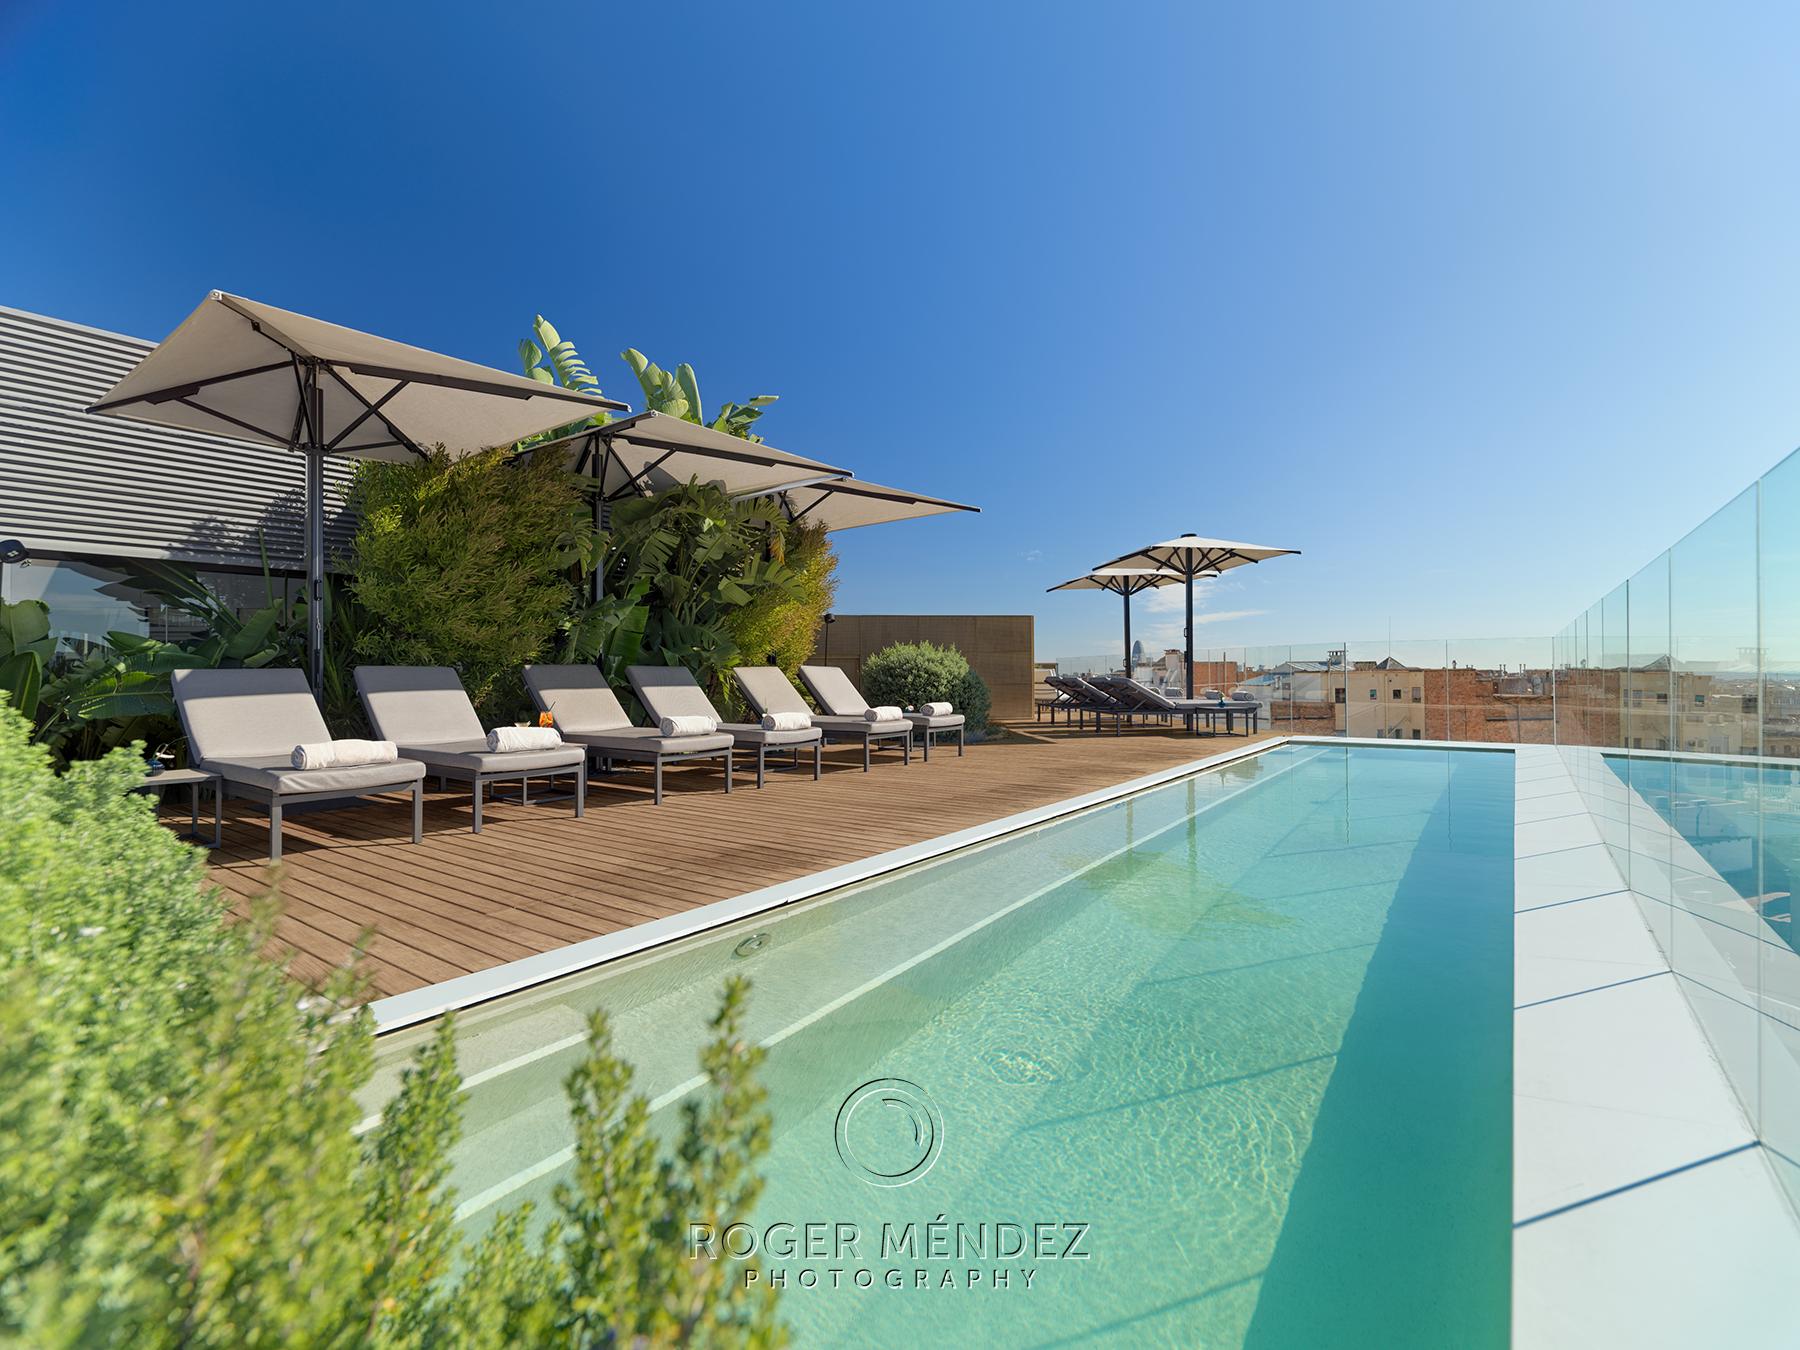 Terraza piscina plunge pool de día